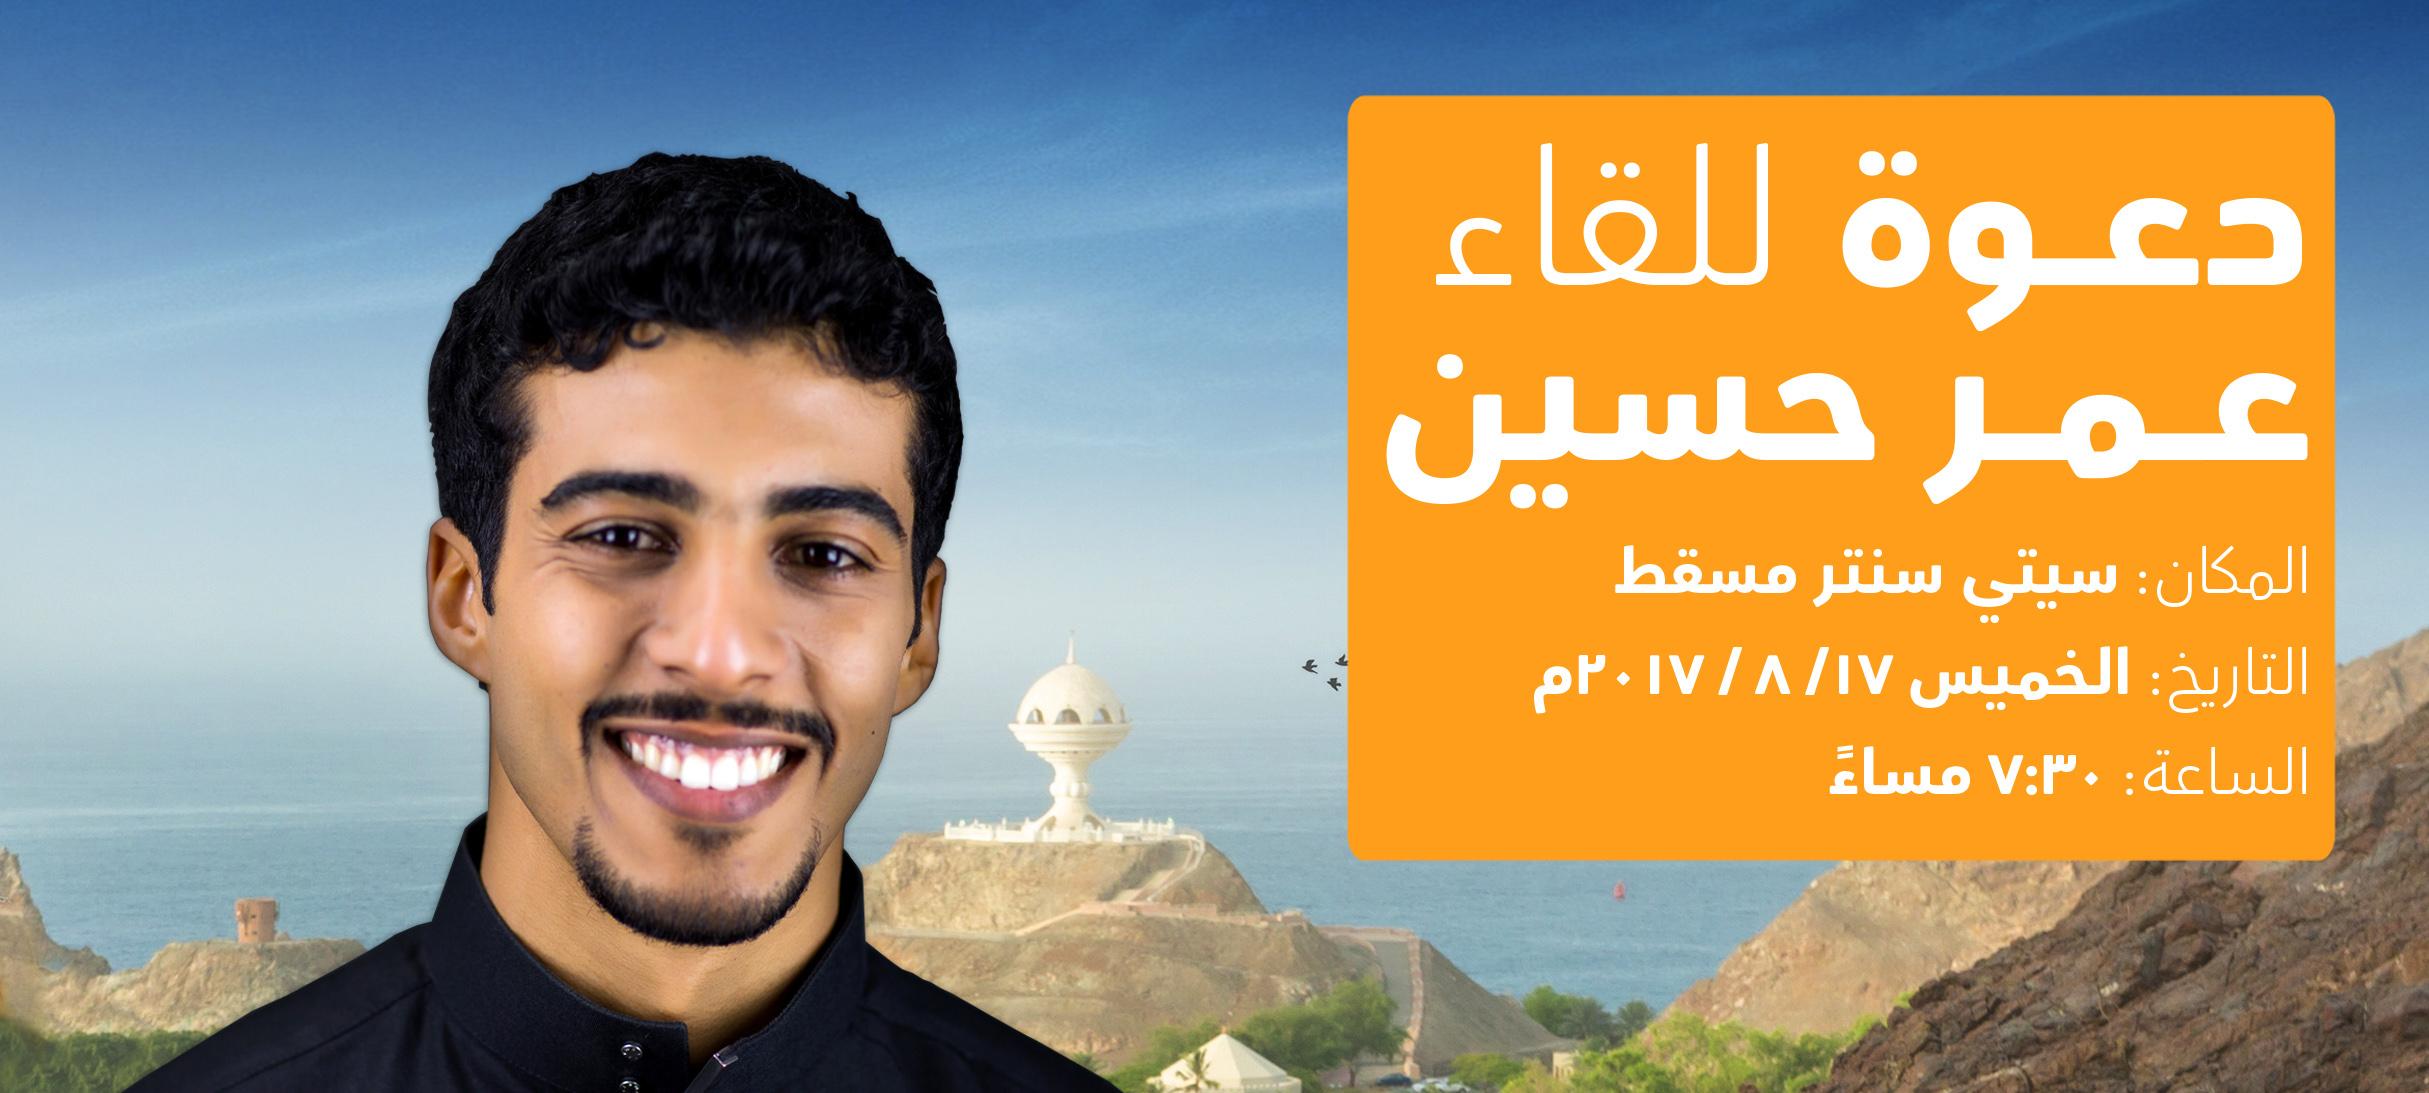 عمانتل تستضيف سفير اليوتيوب عمر حسين